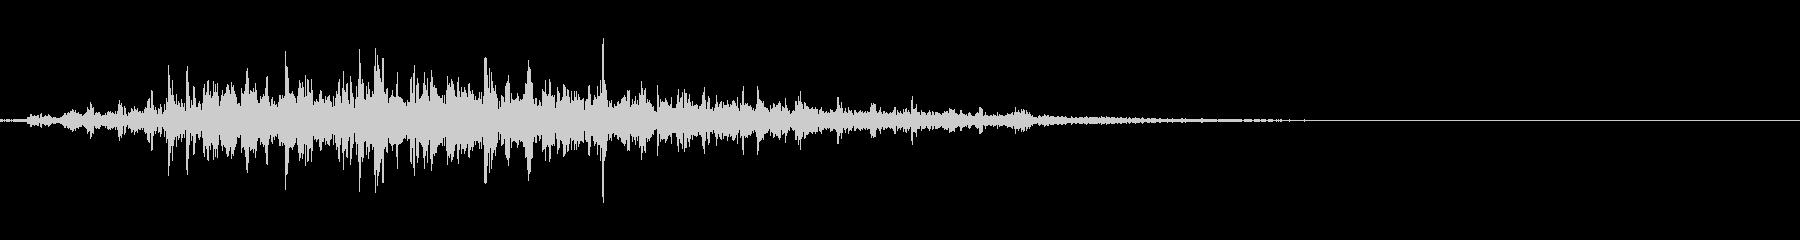 リバーブつき神楽鈴(小)のクレッシェンドの未再生の波形